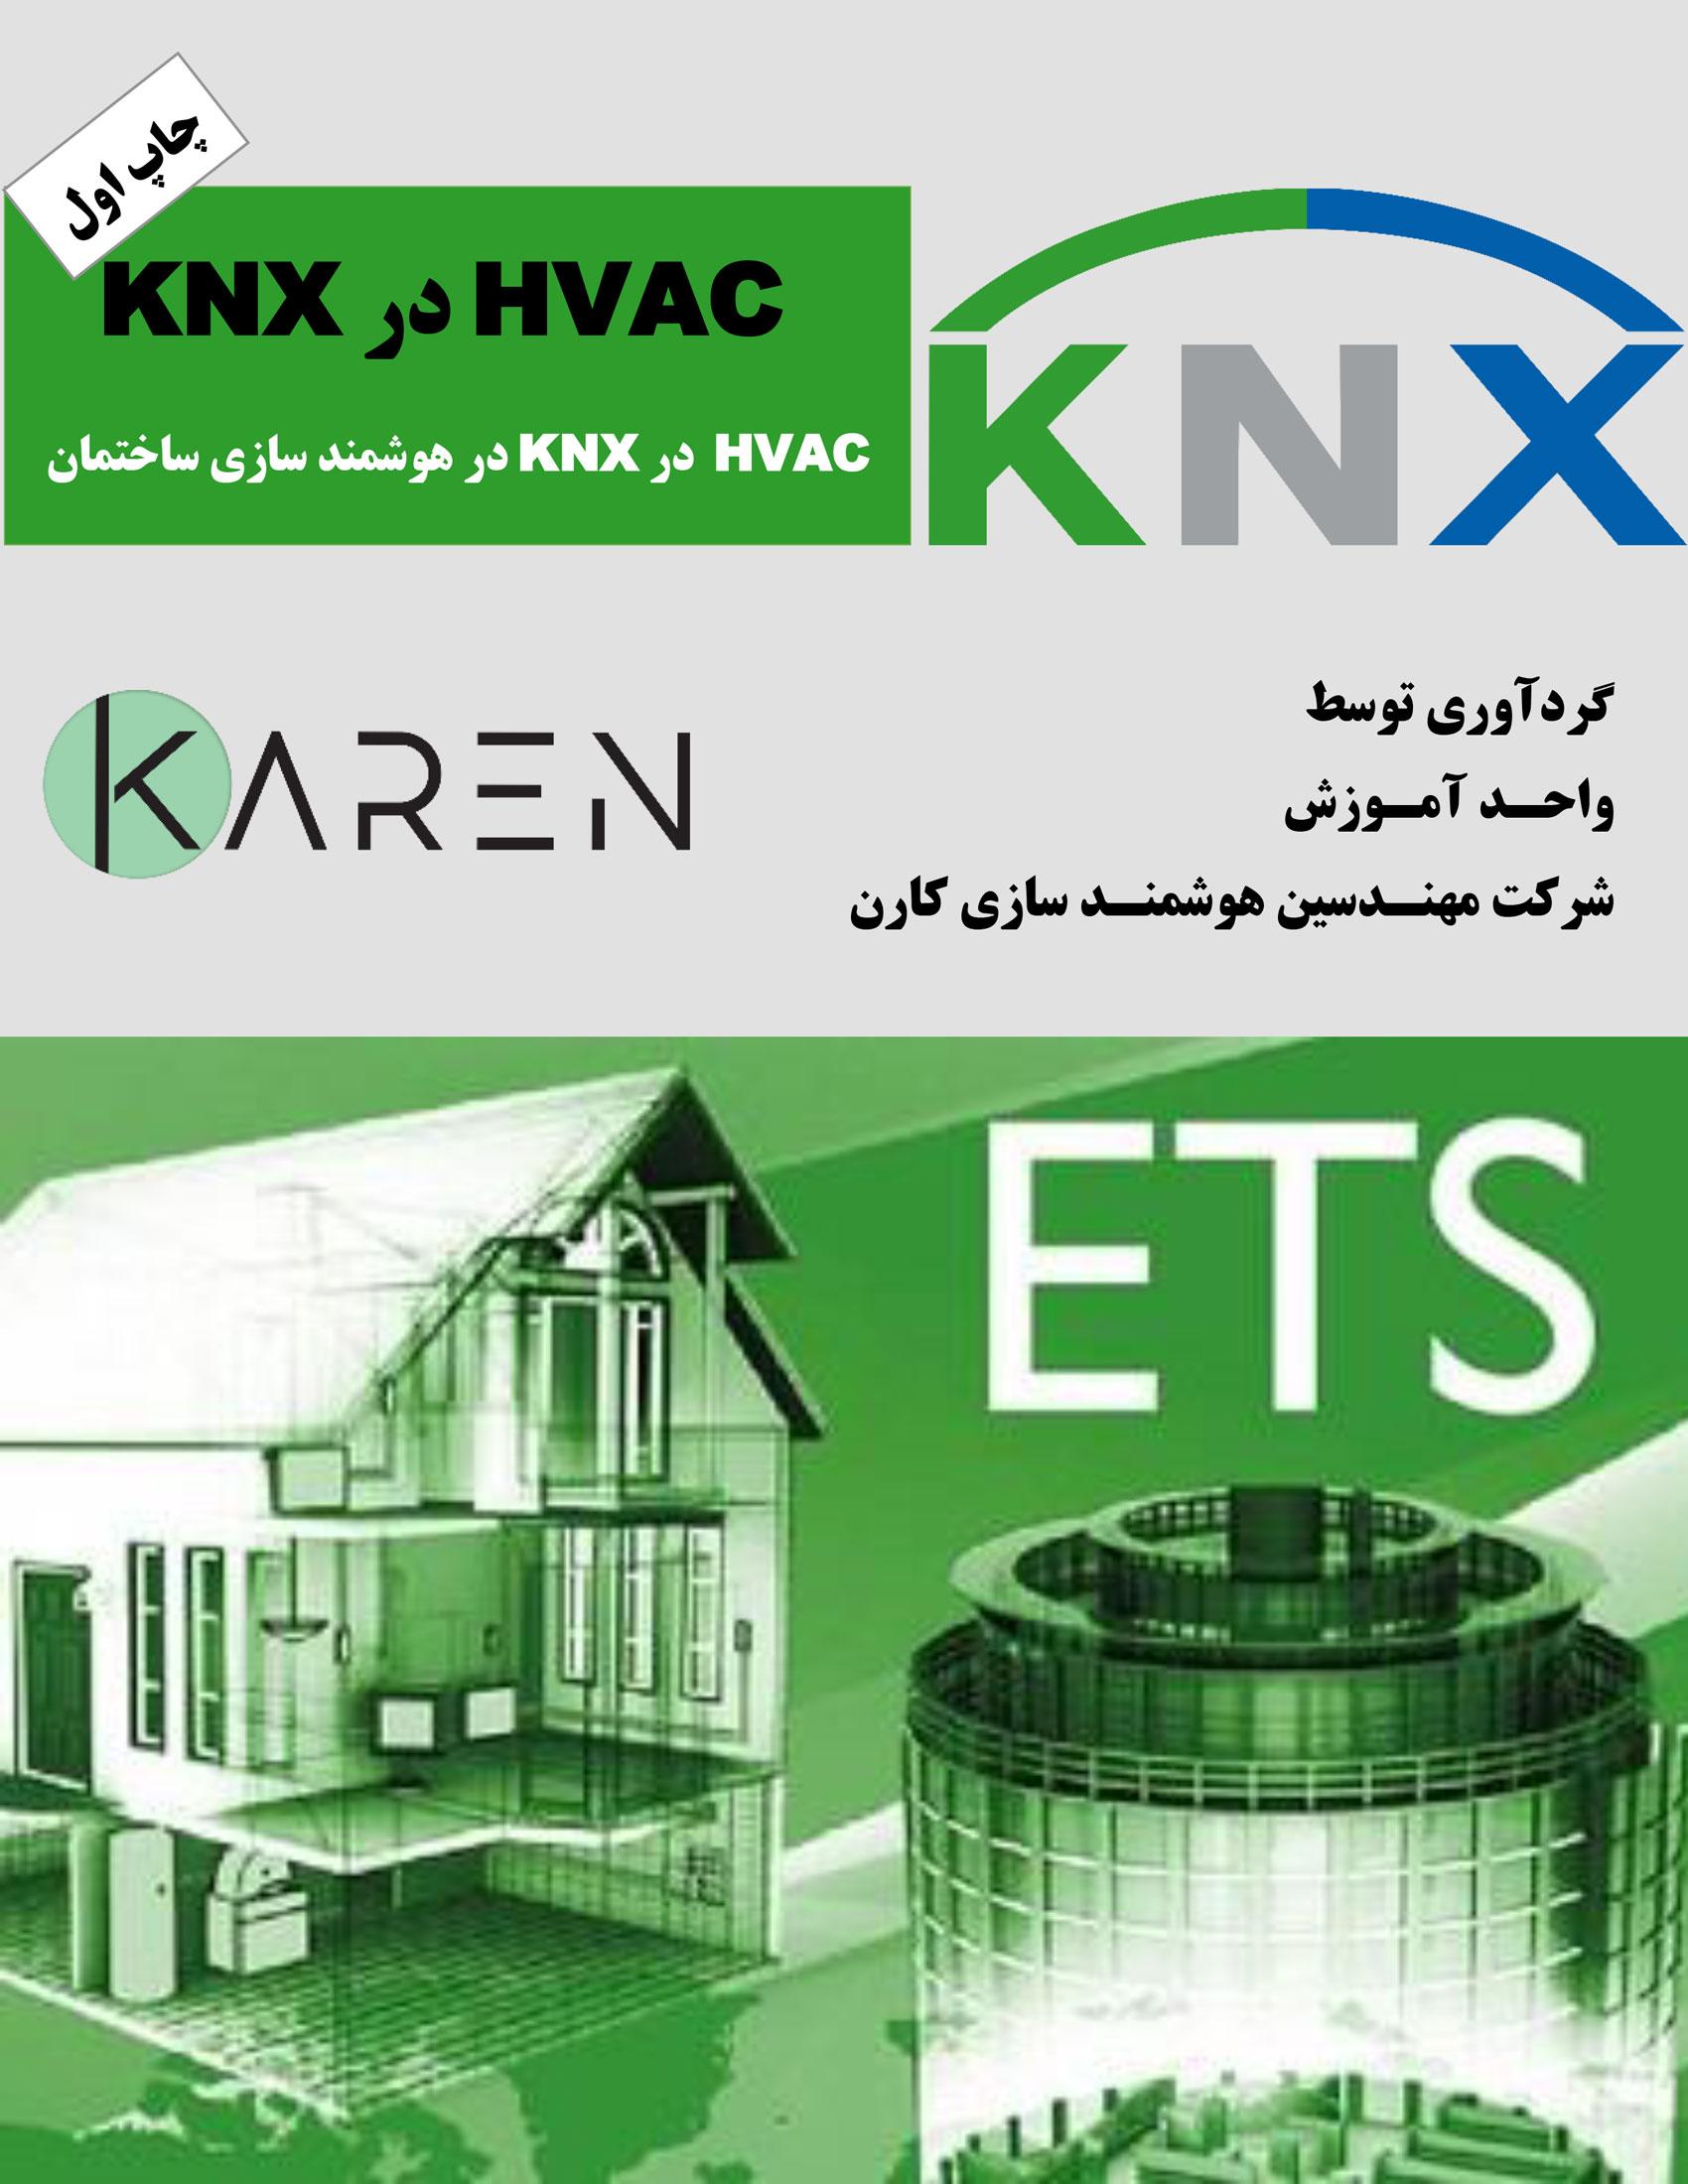 کاور کتاب HVAC در هوشمند سازی ساختمان KNX - کتاب هوشمند سازی ساختمان HVAC